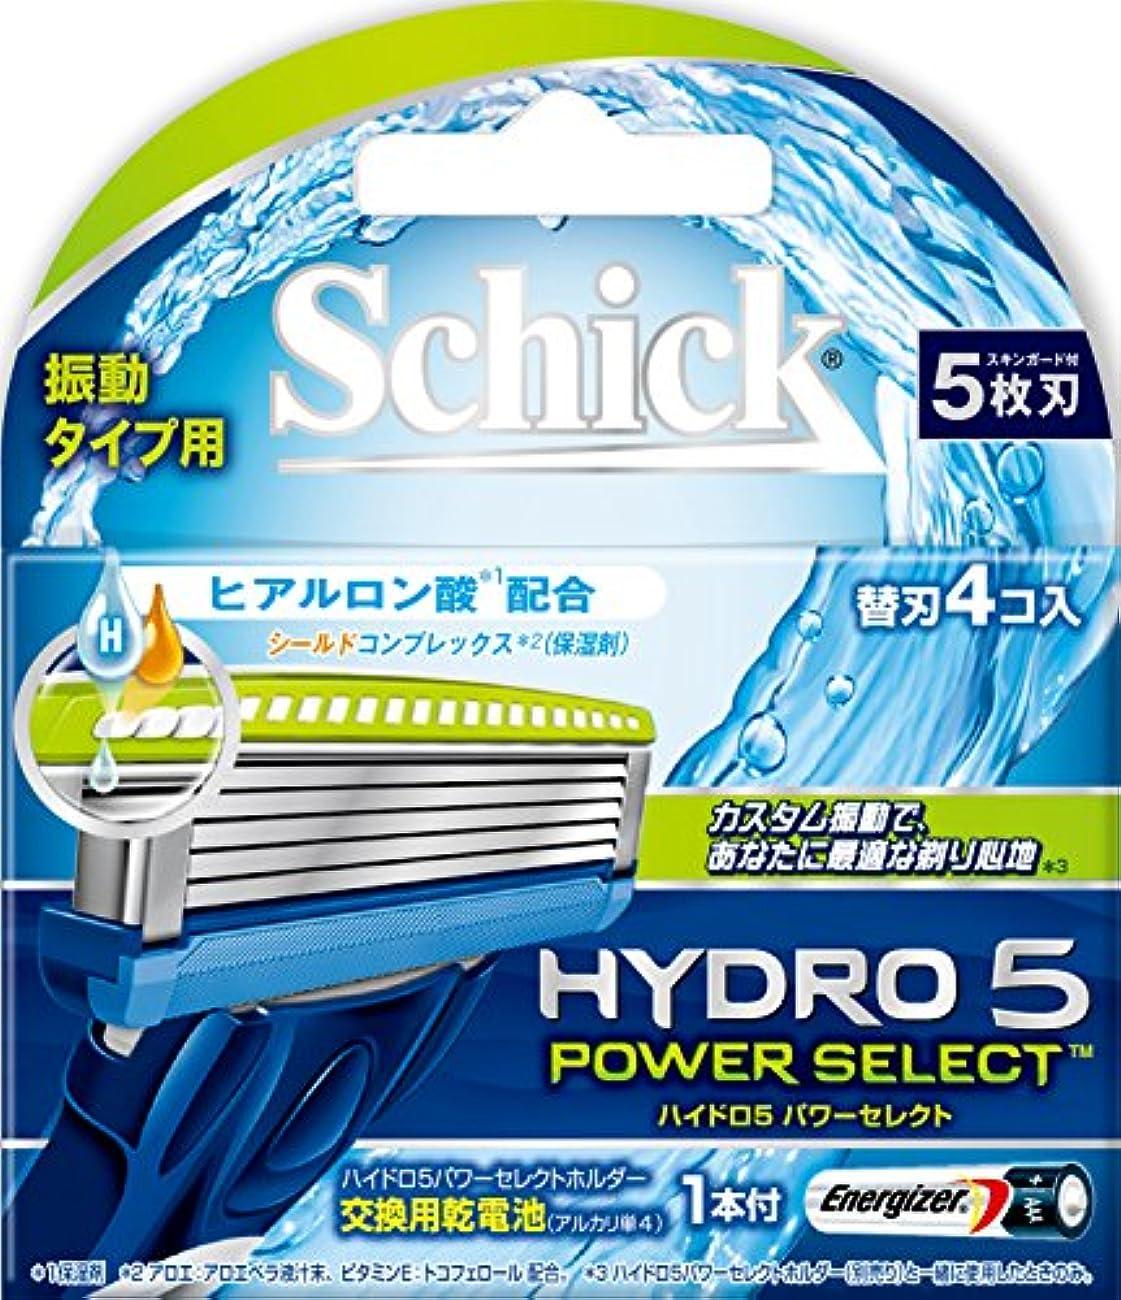 味わう寝てる利益シック Schick 5枚刃 ハイドロ5 パワーセレクト替刃 4コ入